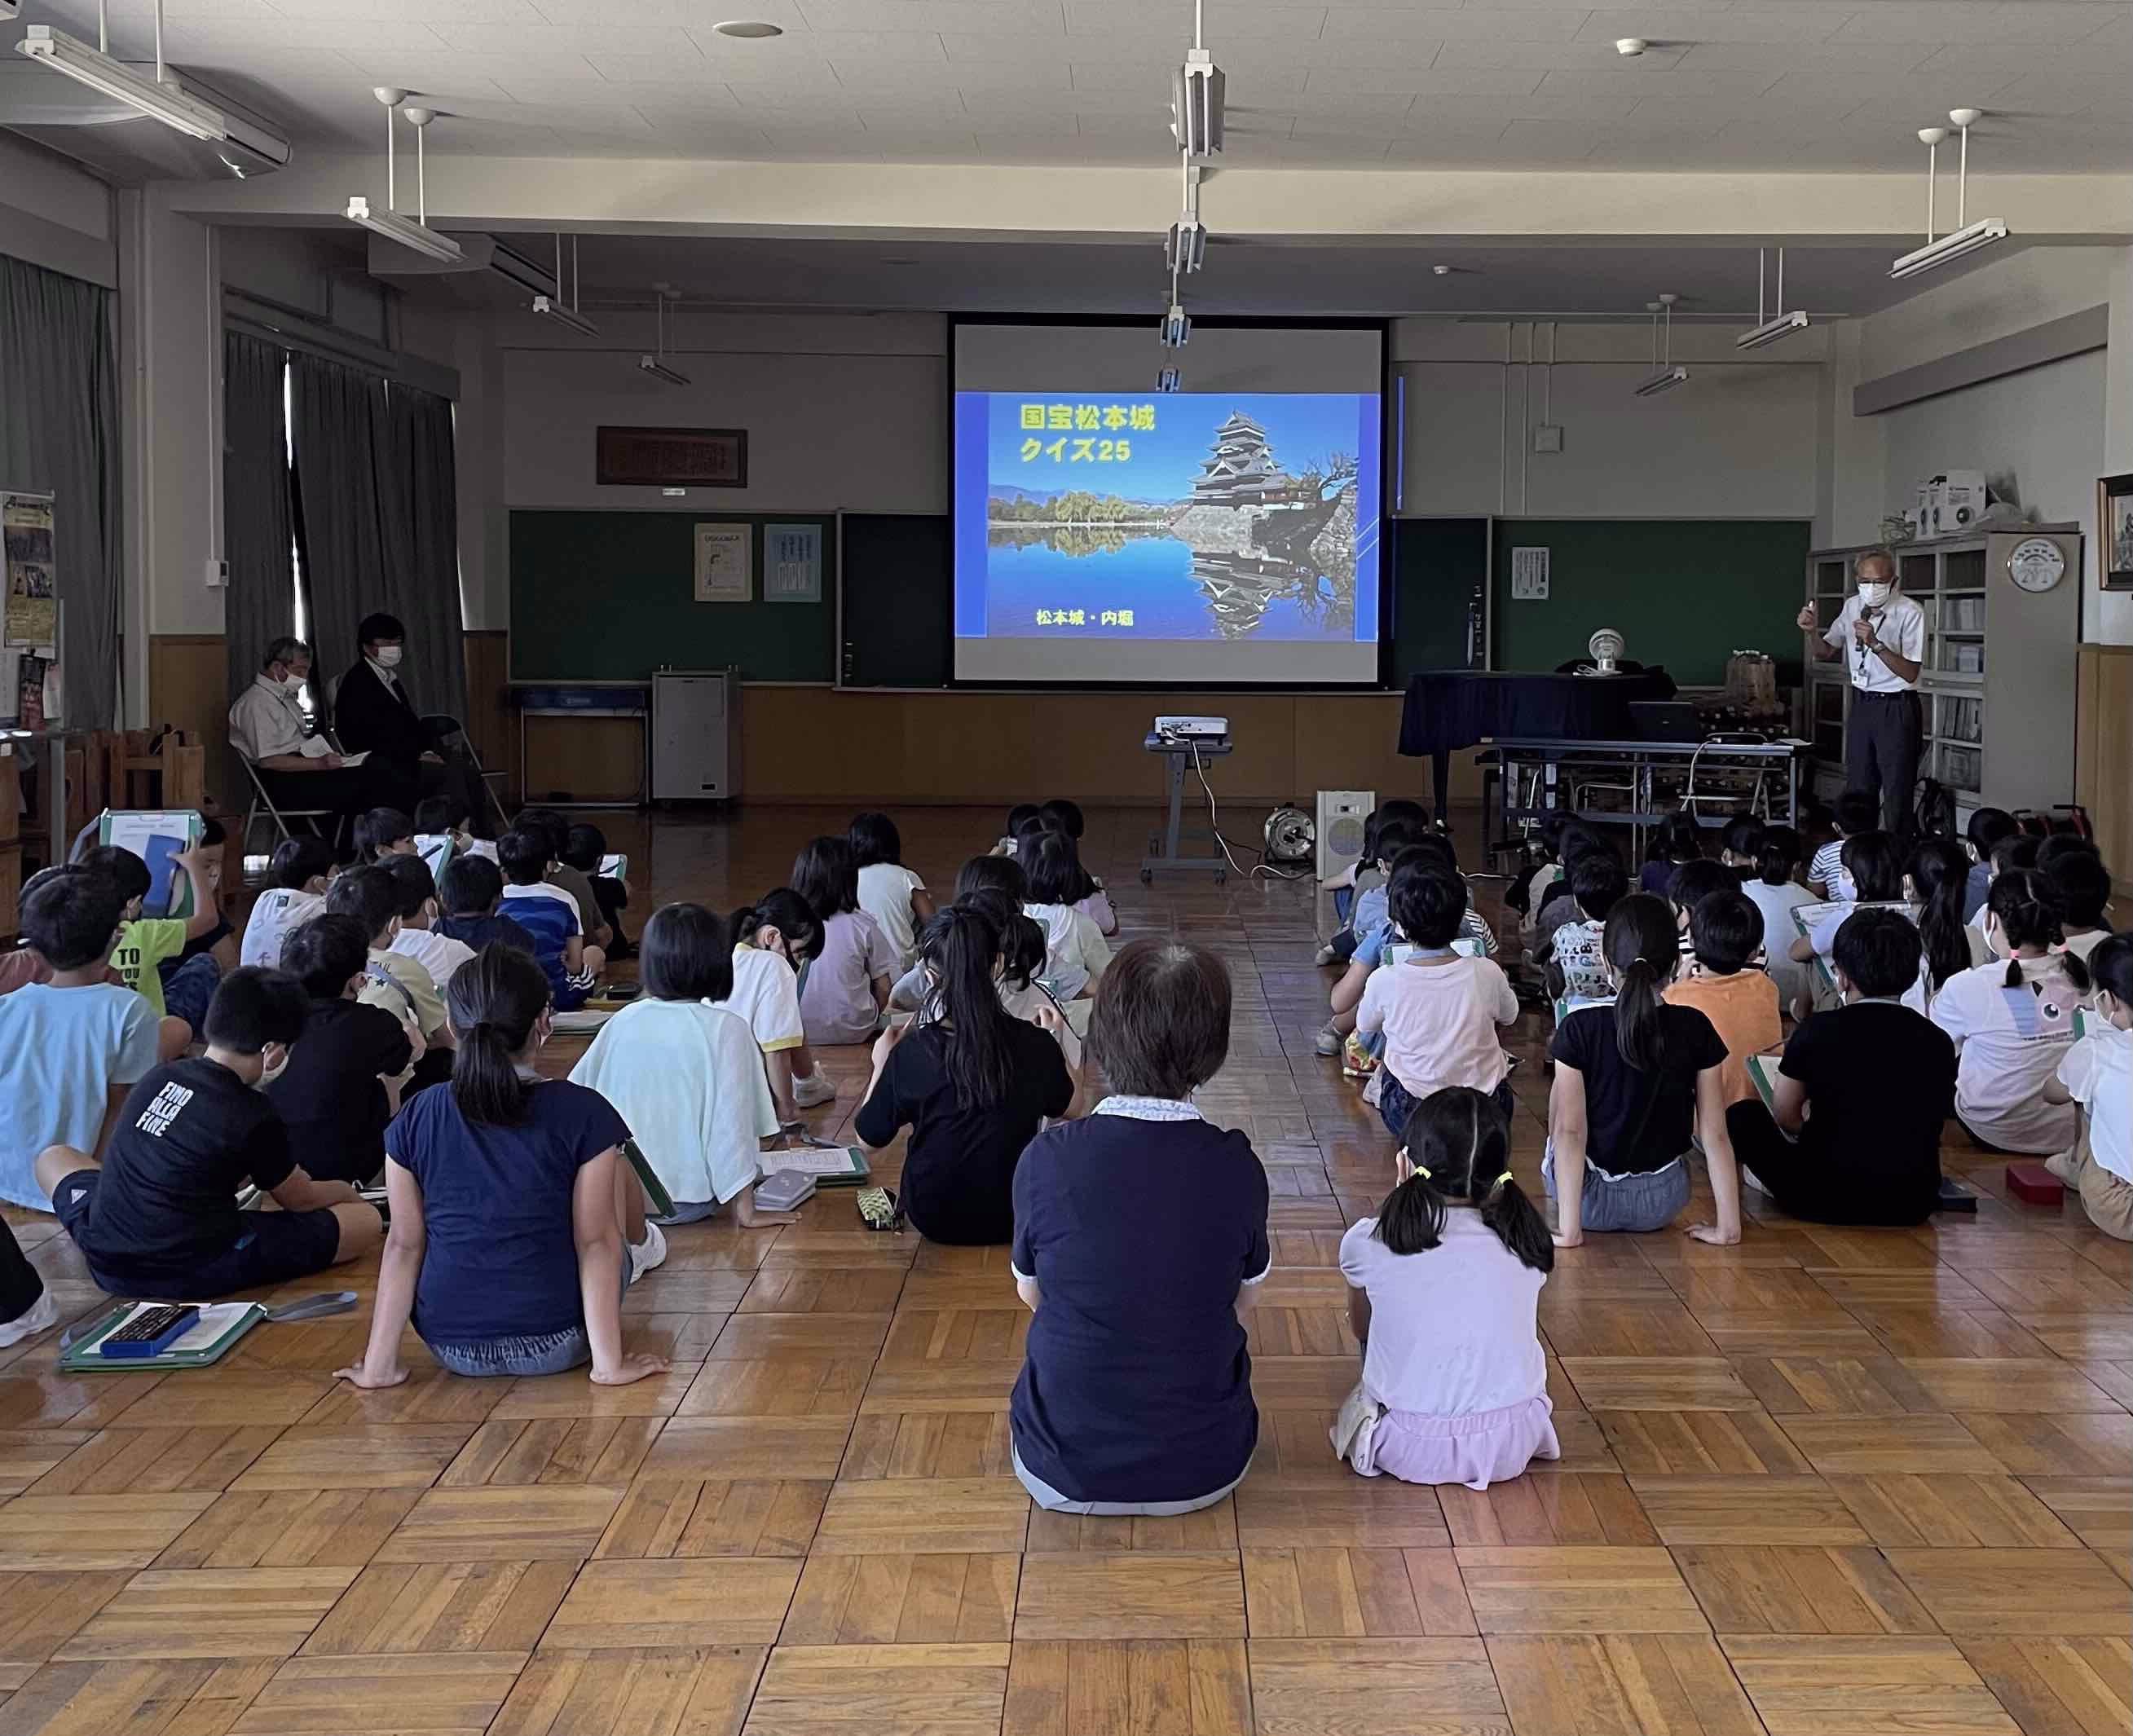 鎌田小学校で松本城検定クイズを行いました